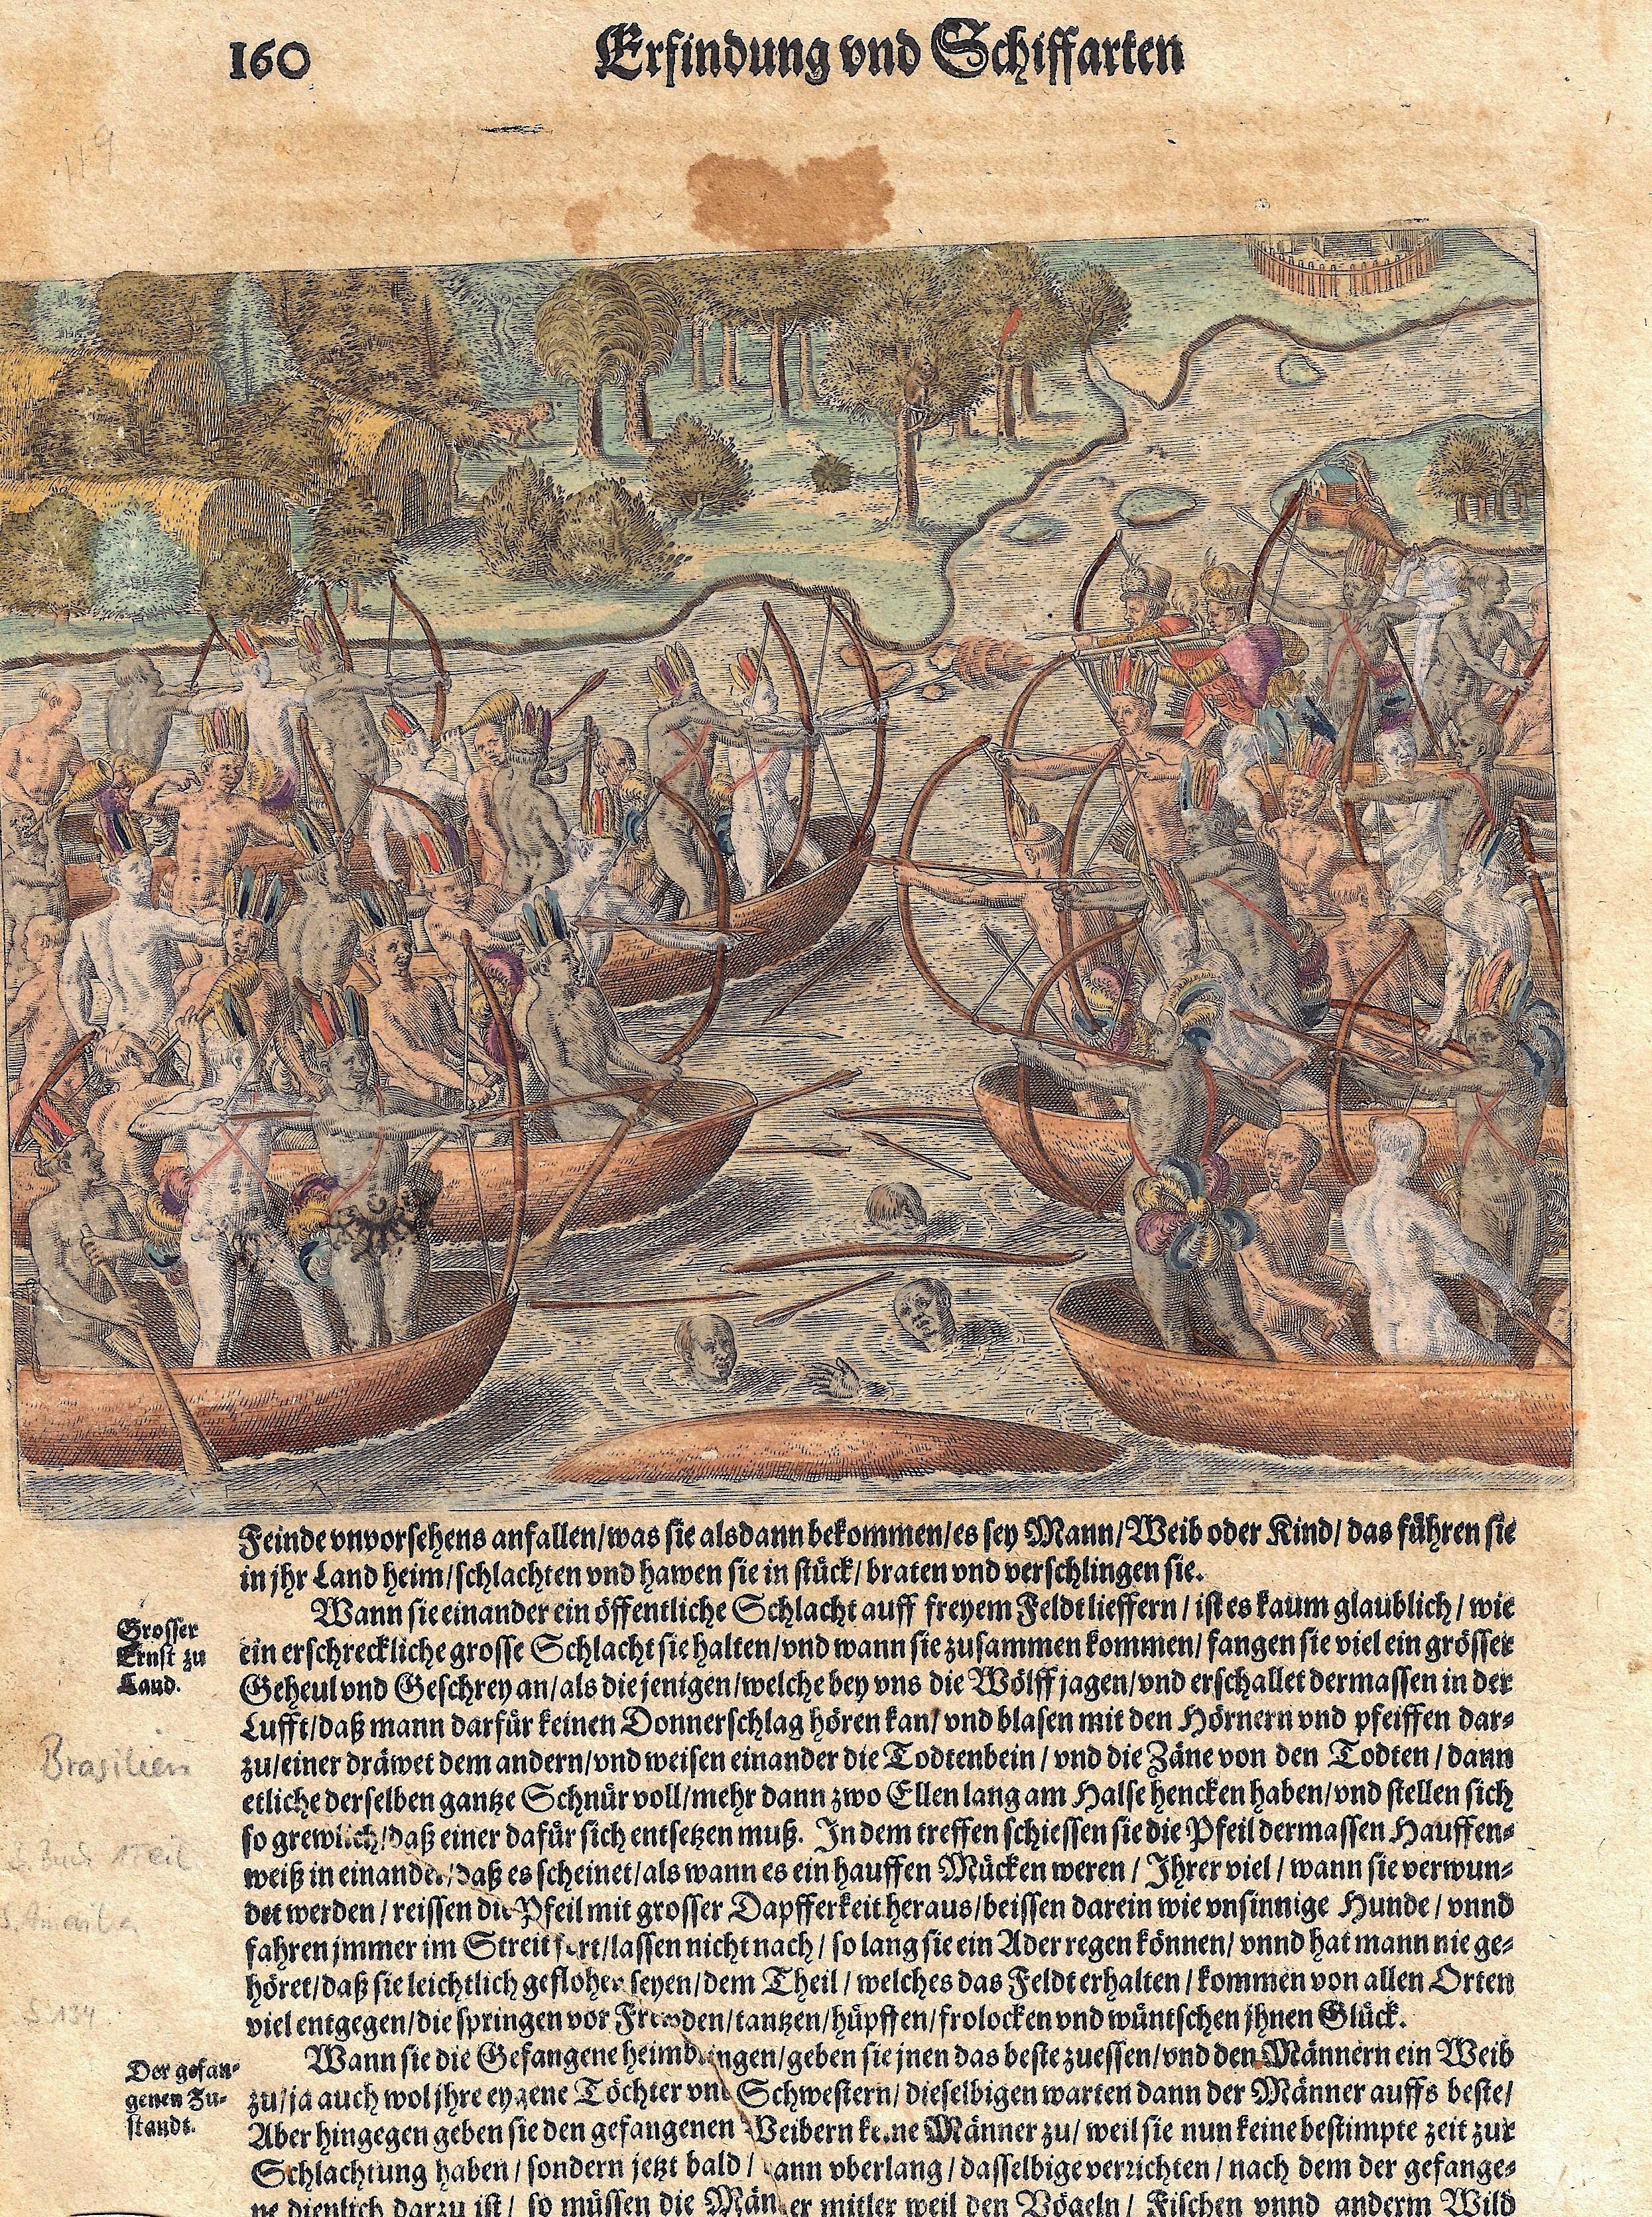 Bry, de Theodor, Dietrich Erfindung und Schaffarten